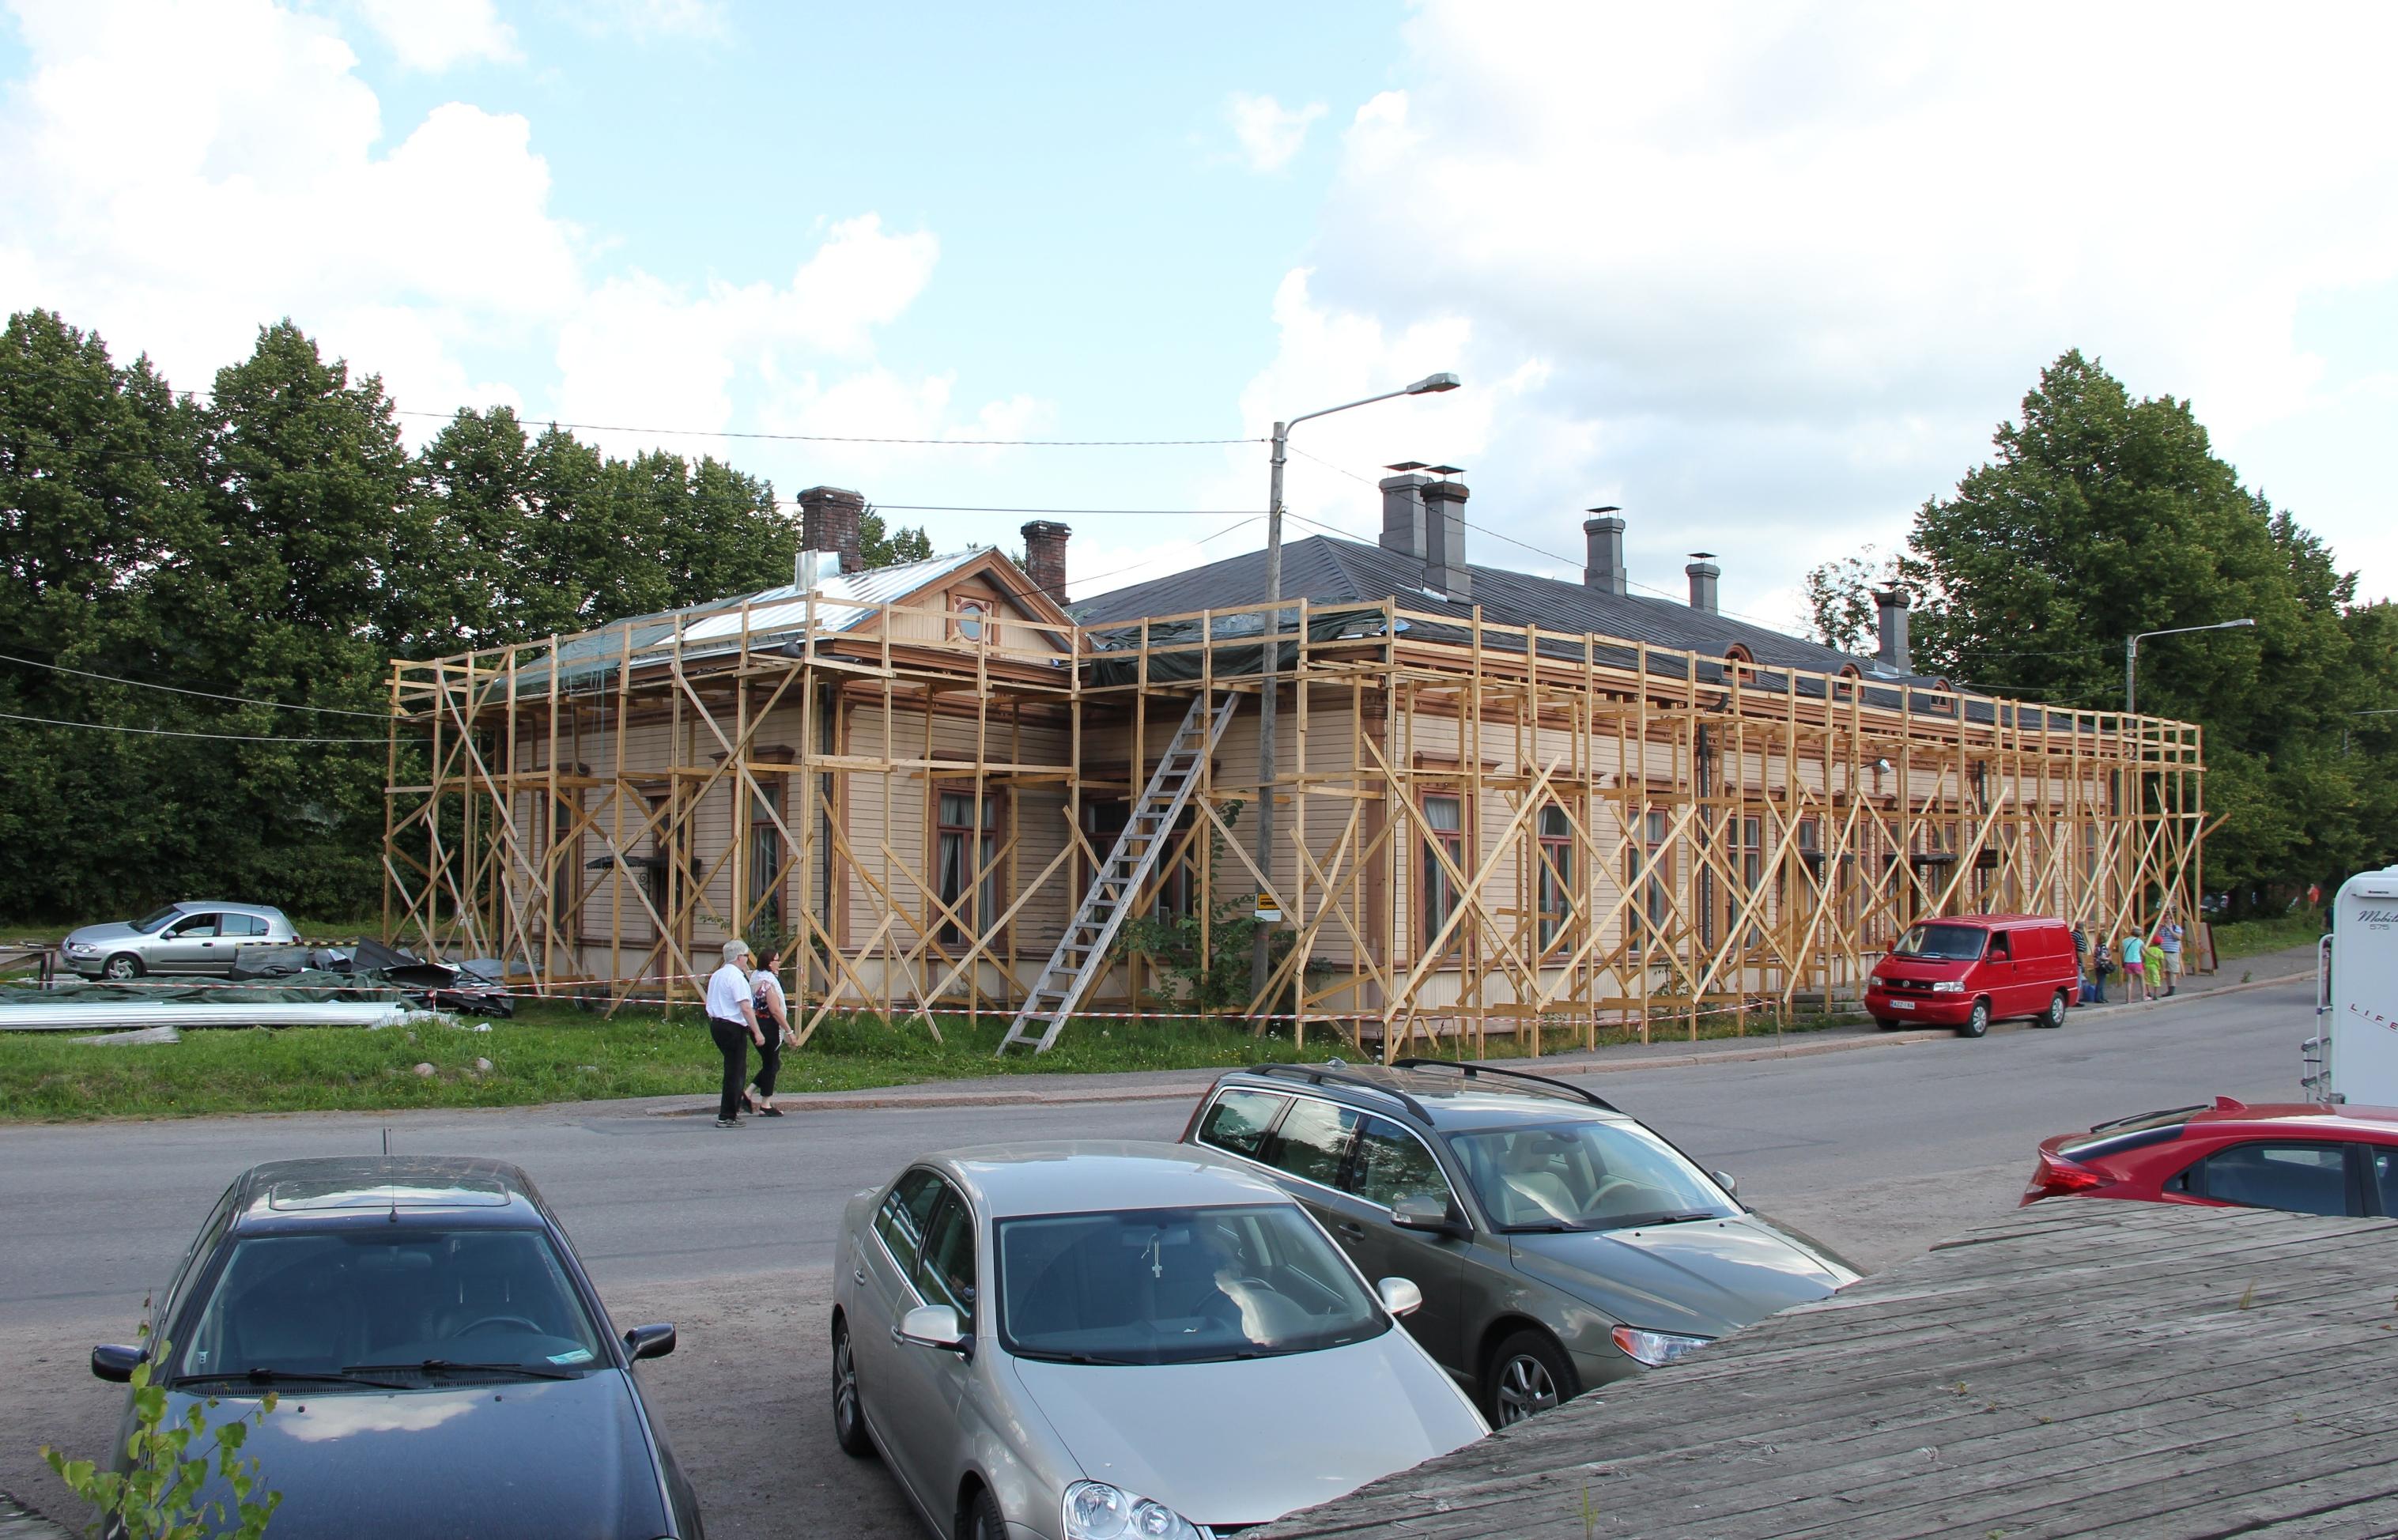 rautatieasema, under renovation.jpg Suomi: Porvoon rautatieasema, korjaus meneillään elokuussa 2012 English: Porvoon rautatieasema, under renovation in August 2012